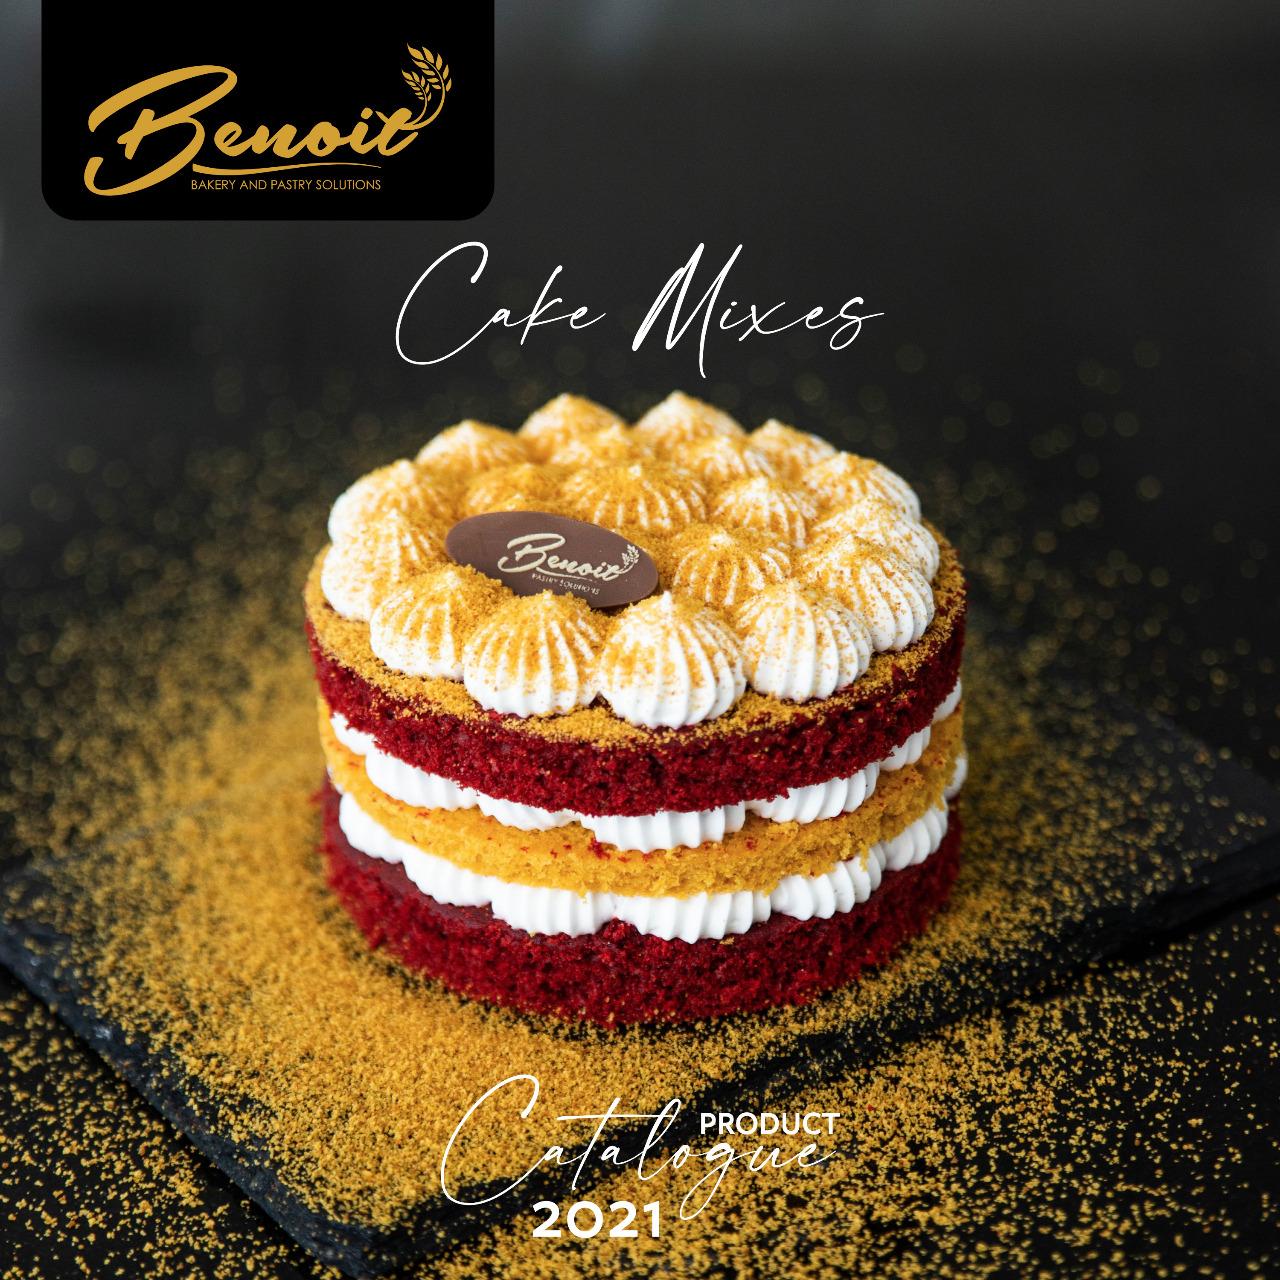 tastiest cake mixes